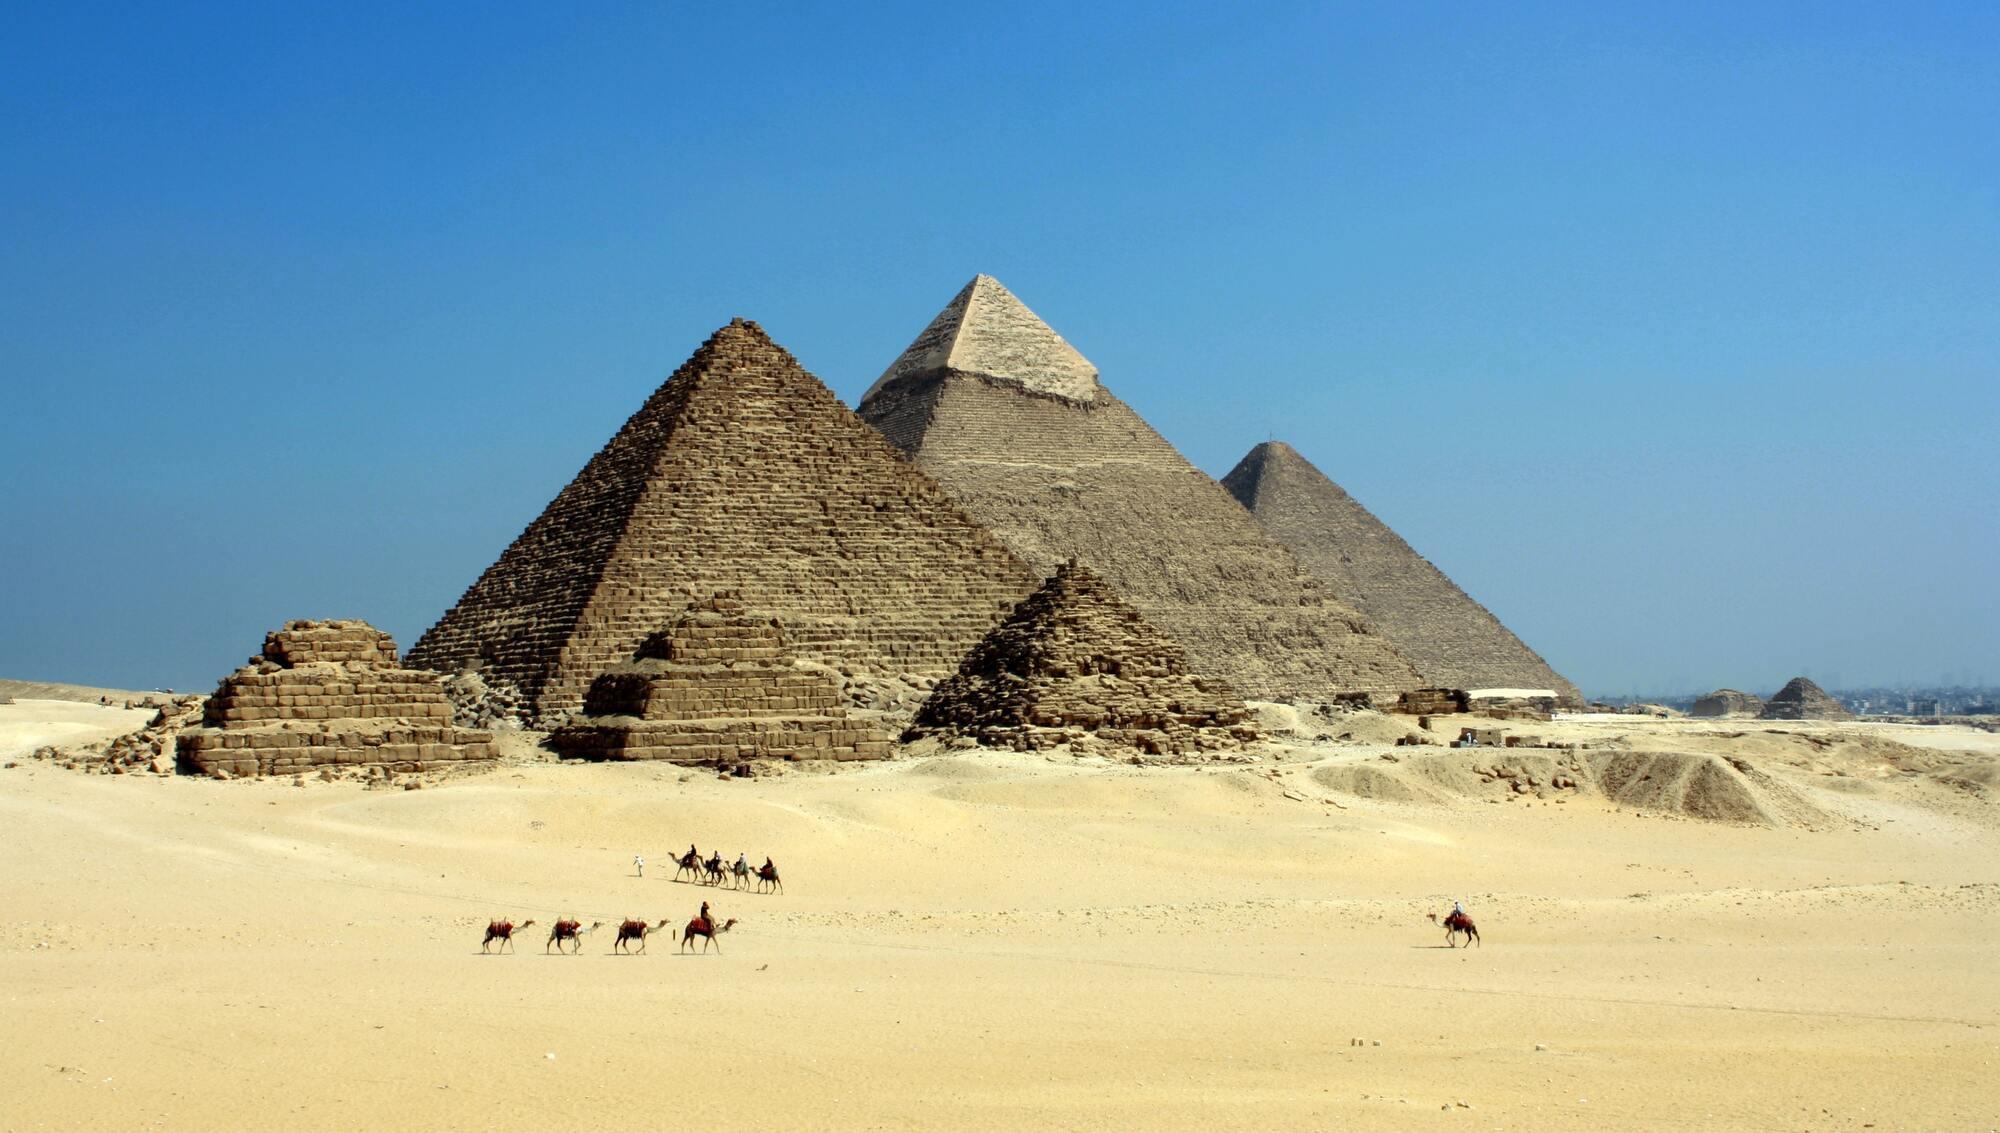 В Египте стоит съездить в Гизу, чтобы посмотреть на легендарные пирамиды